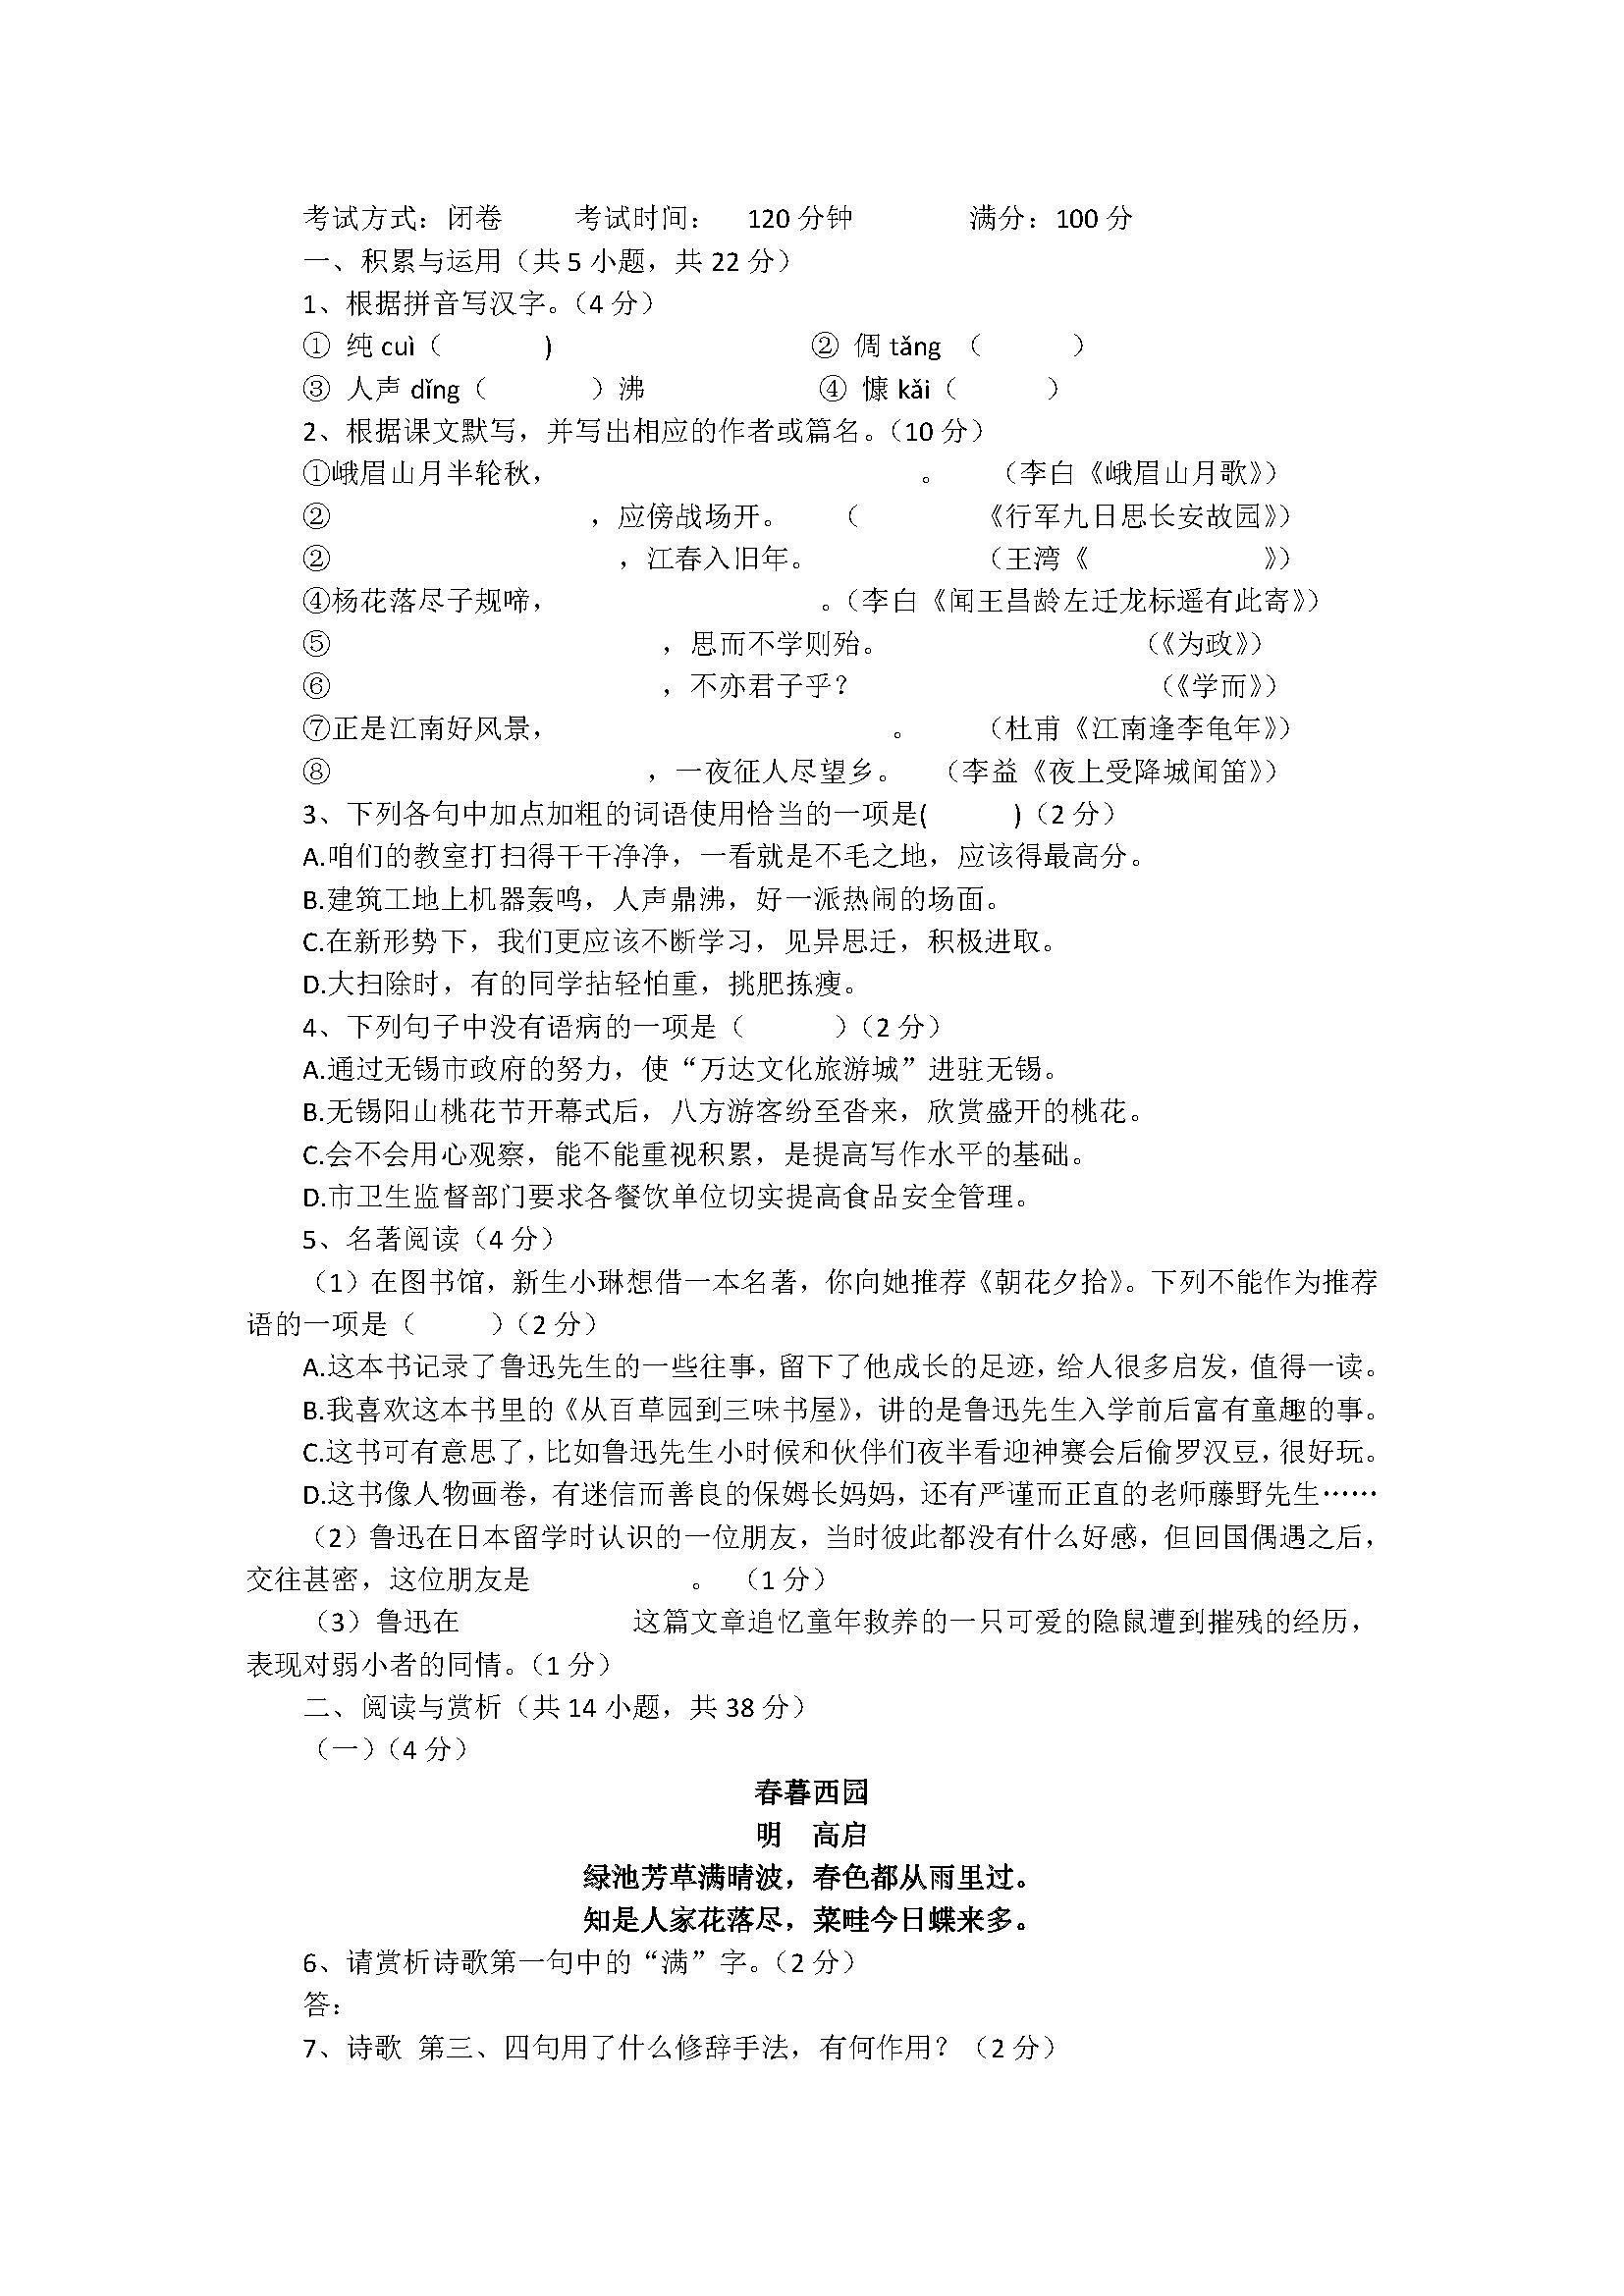 2018七年级语文上册期中测试题附答案(宜兴市周铁学区)